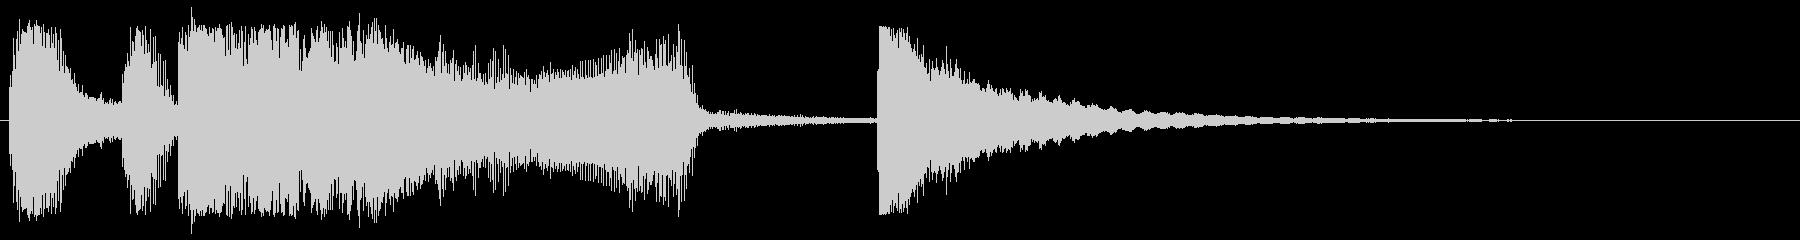 大失敗のファンファーレ 鐘の音の未再生の波形